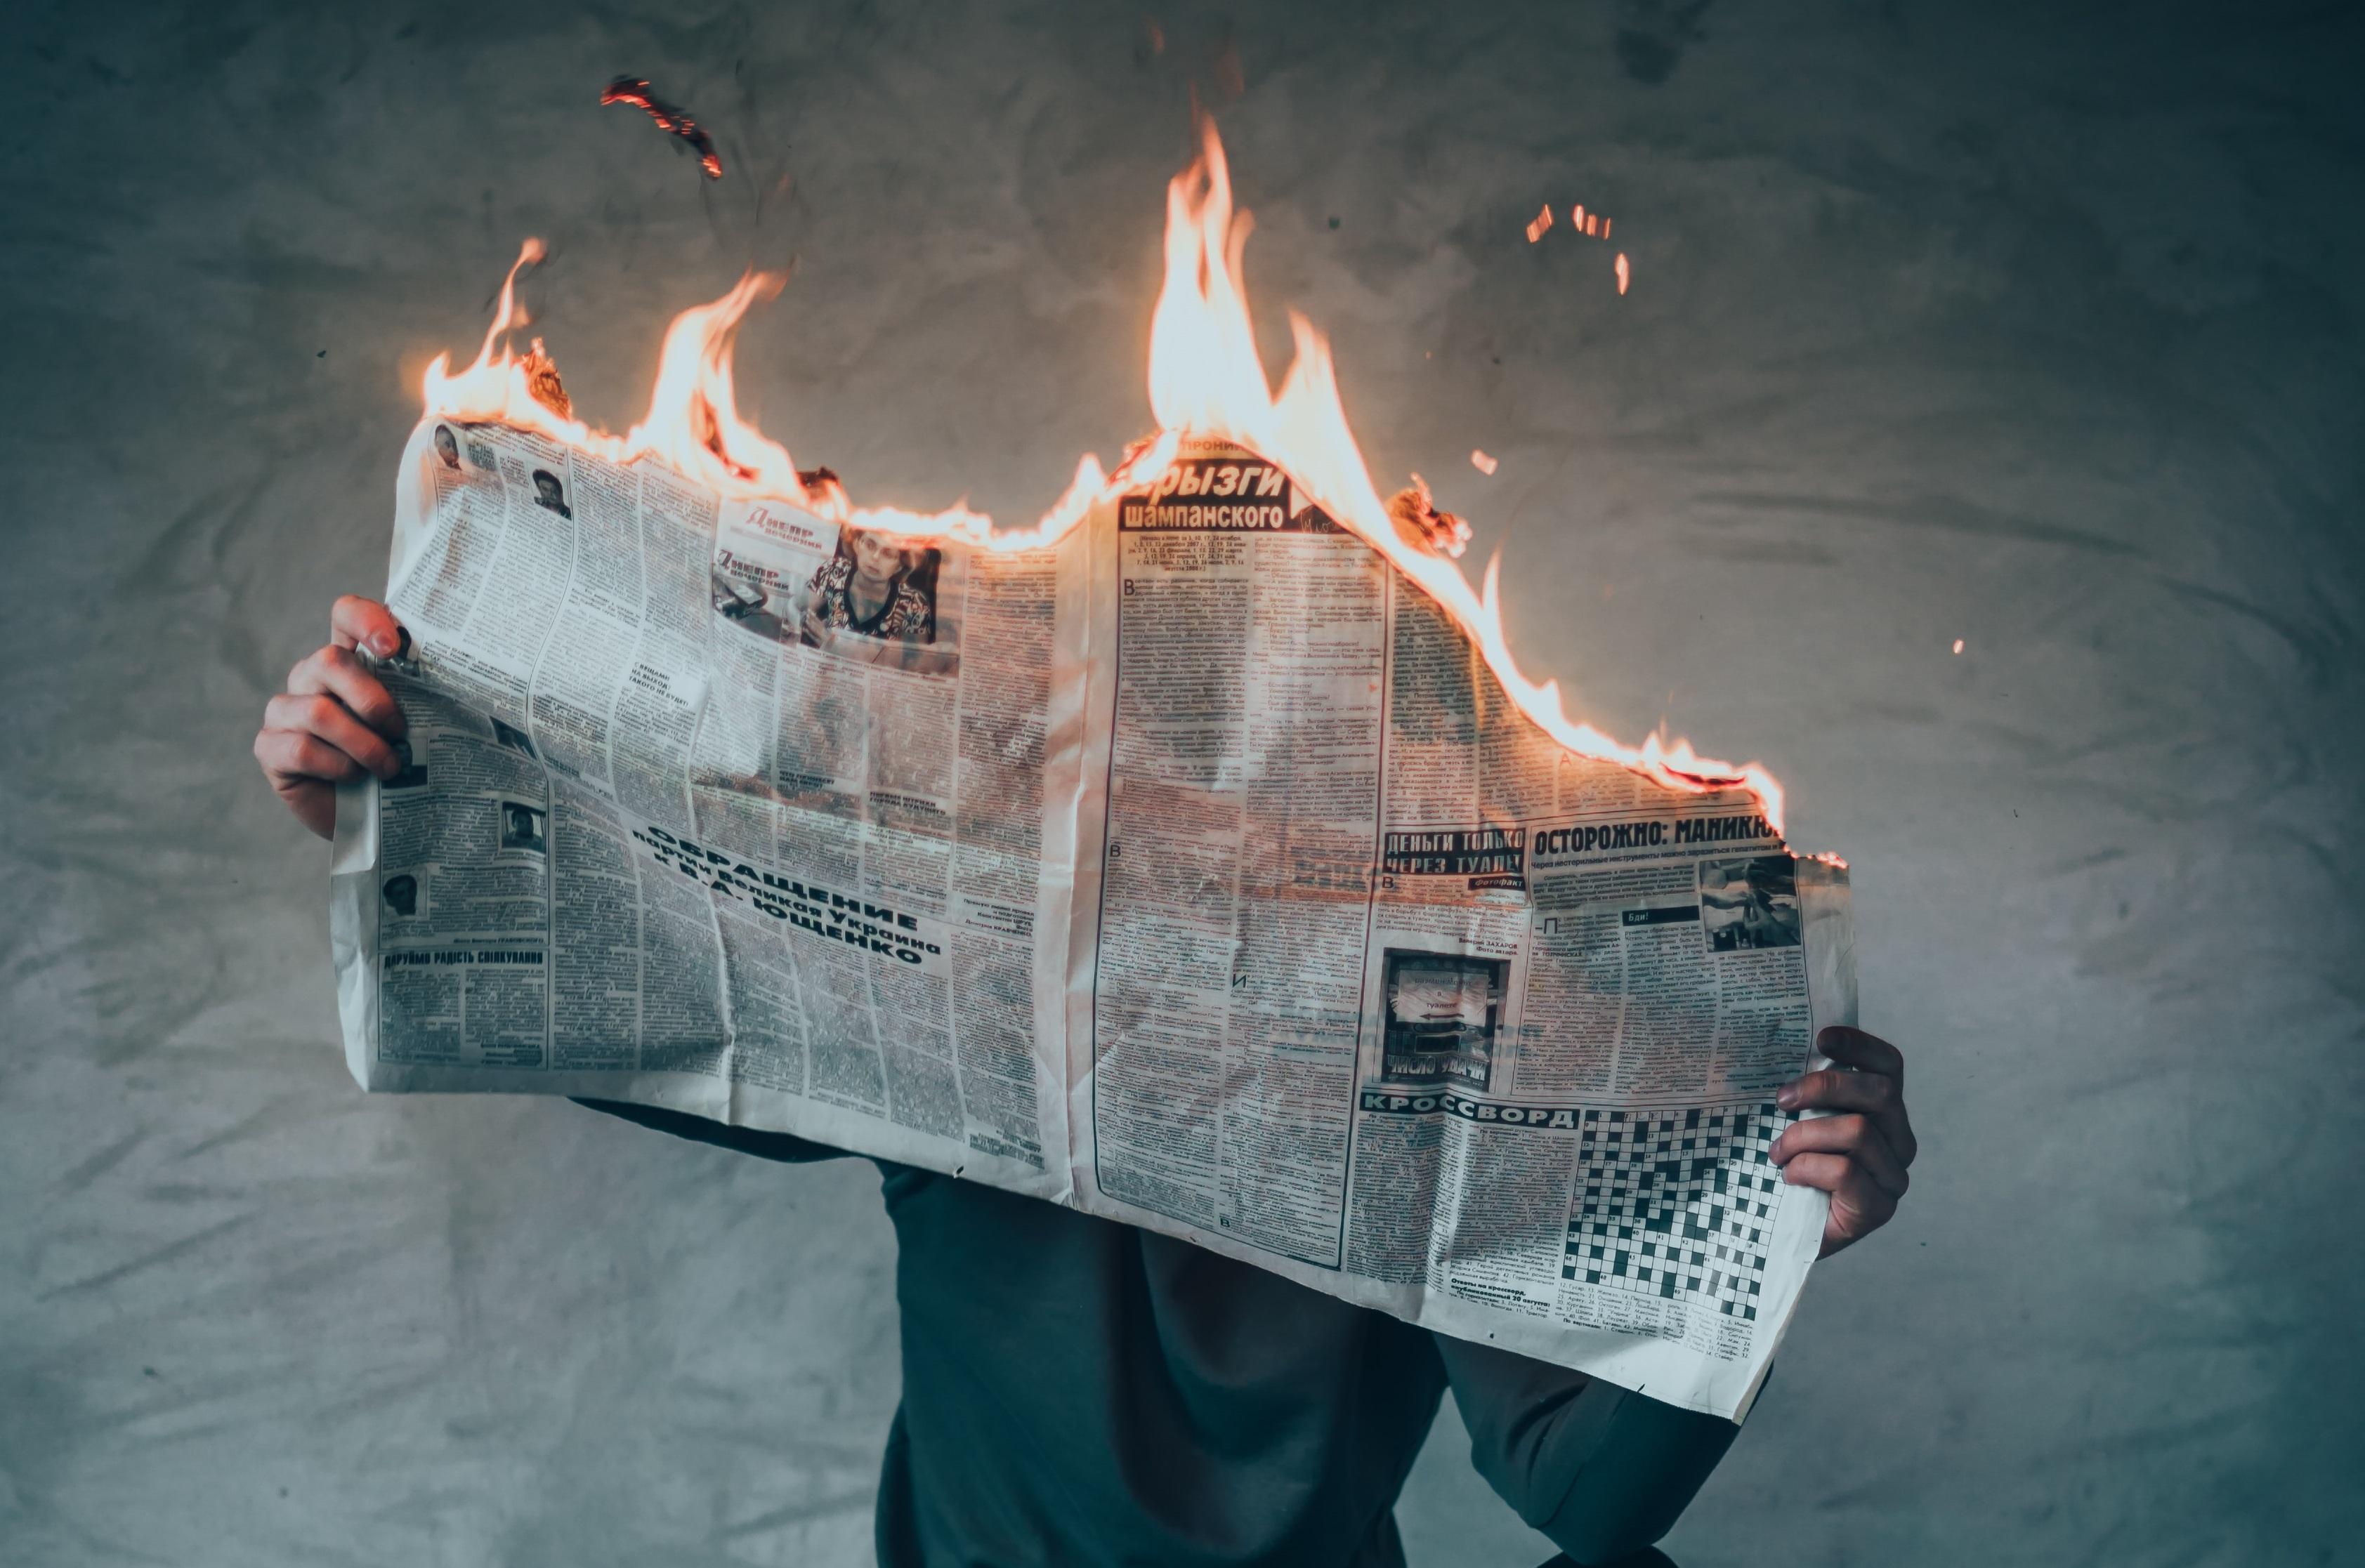 چرا اخبار را دنبال نمی کنم؟